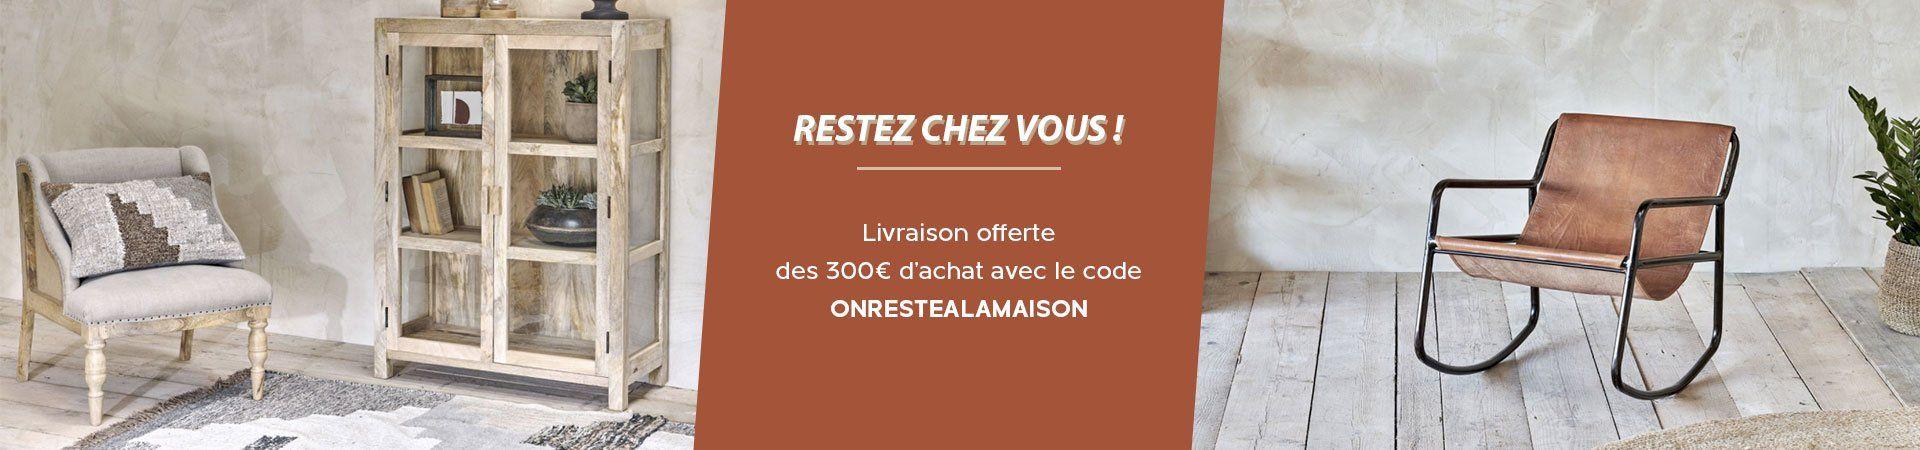 Livraison offerte dès 300€ d'achat avec le code ONRESTEALAMAISON